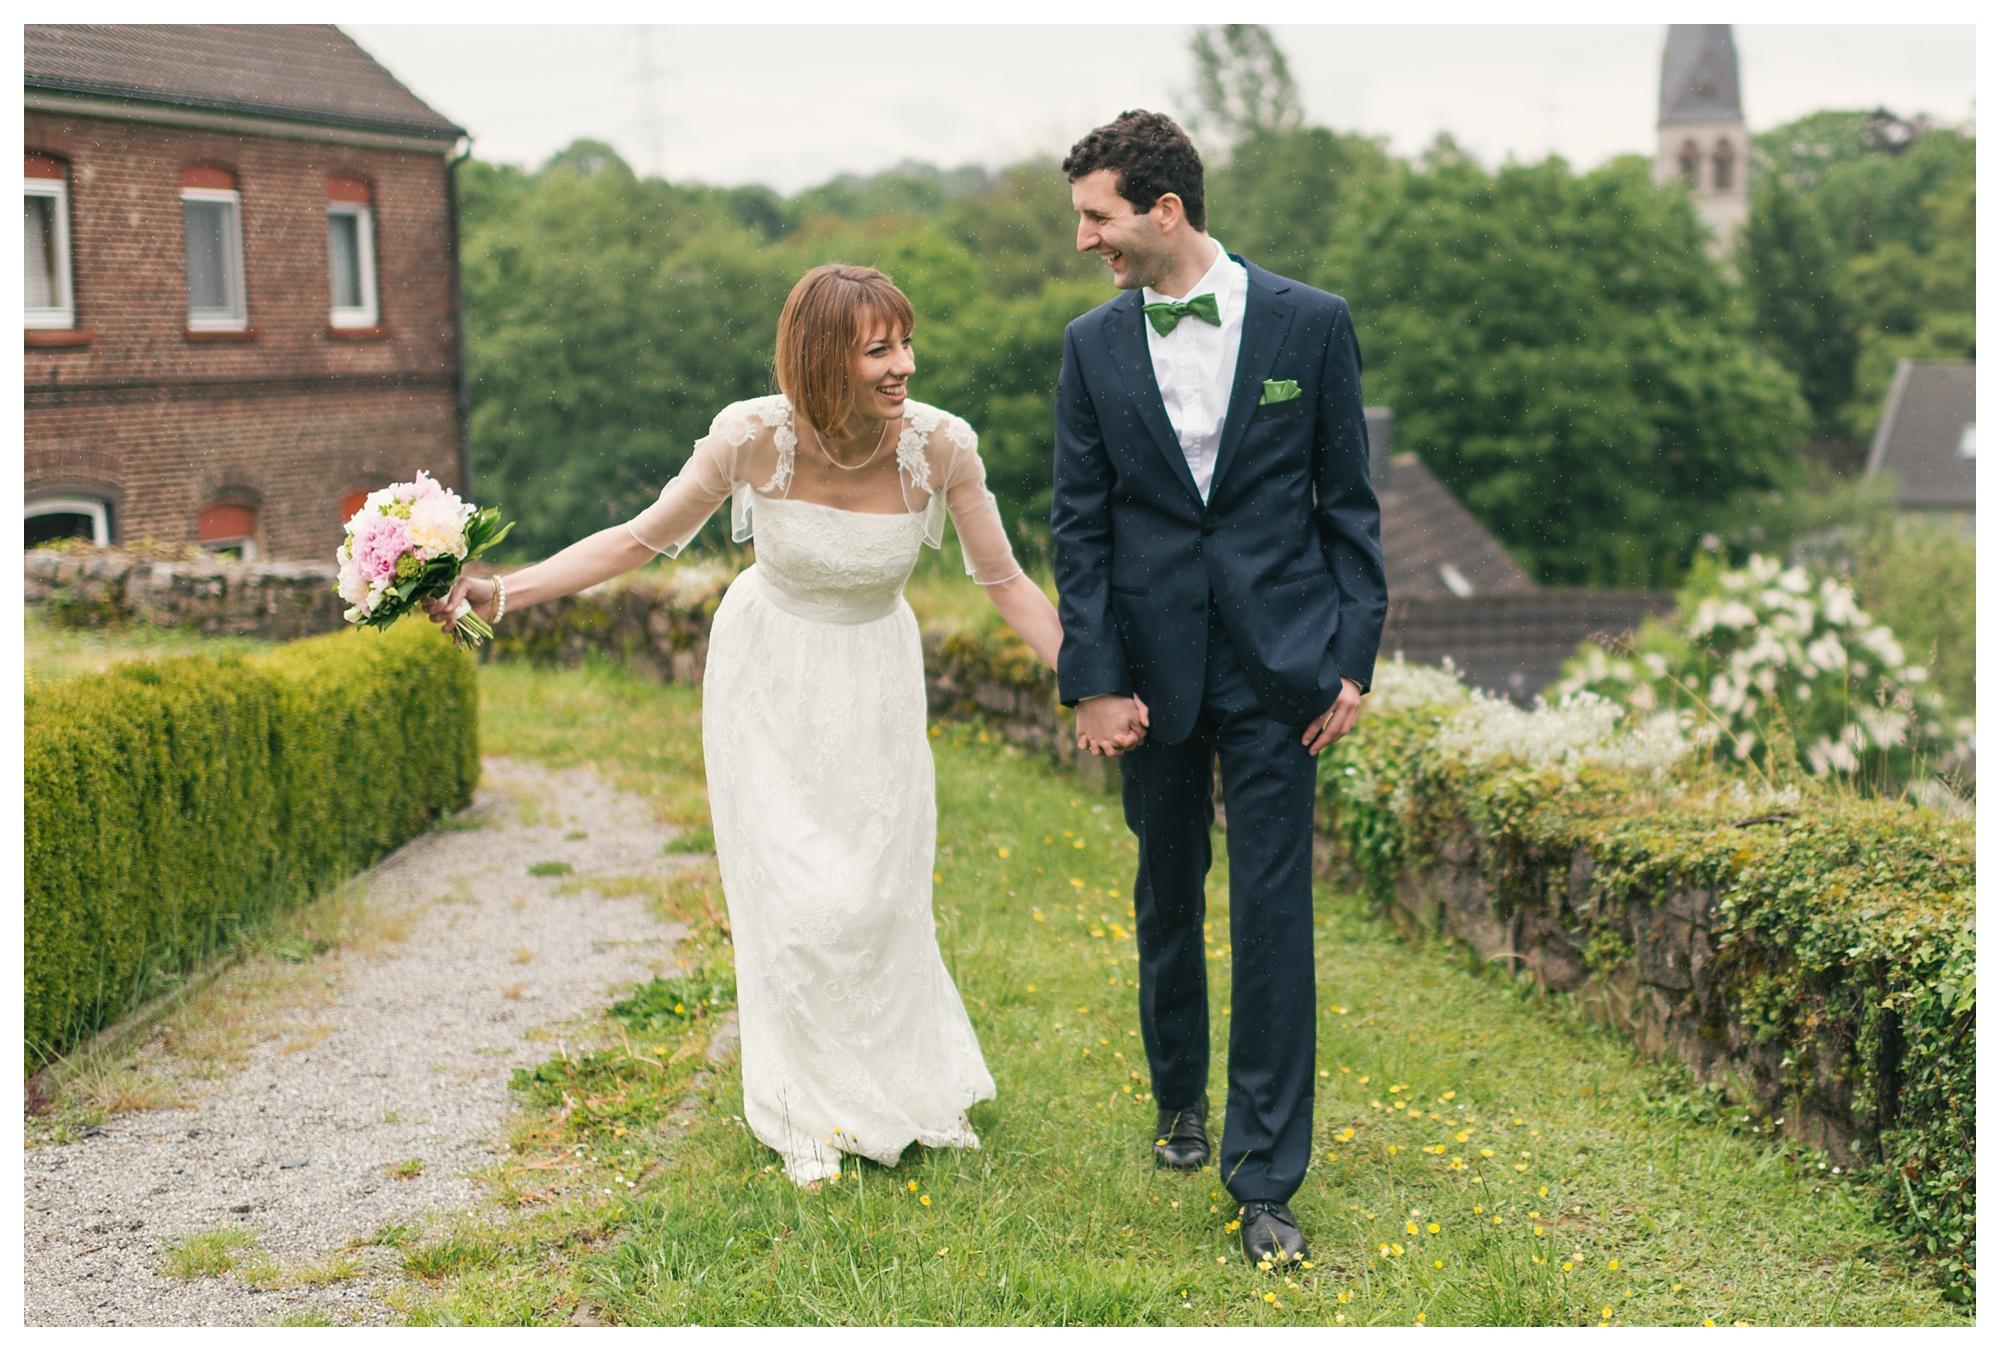 Fotograf Konstanz - Best of 2014 Elmar Feuerbacher Photography Hochzeit Portrait 024 - Rückblick auf 2014  - 24 -